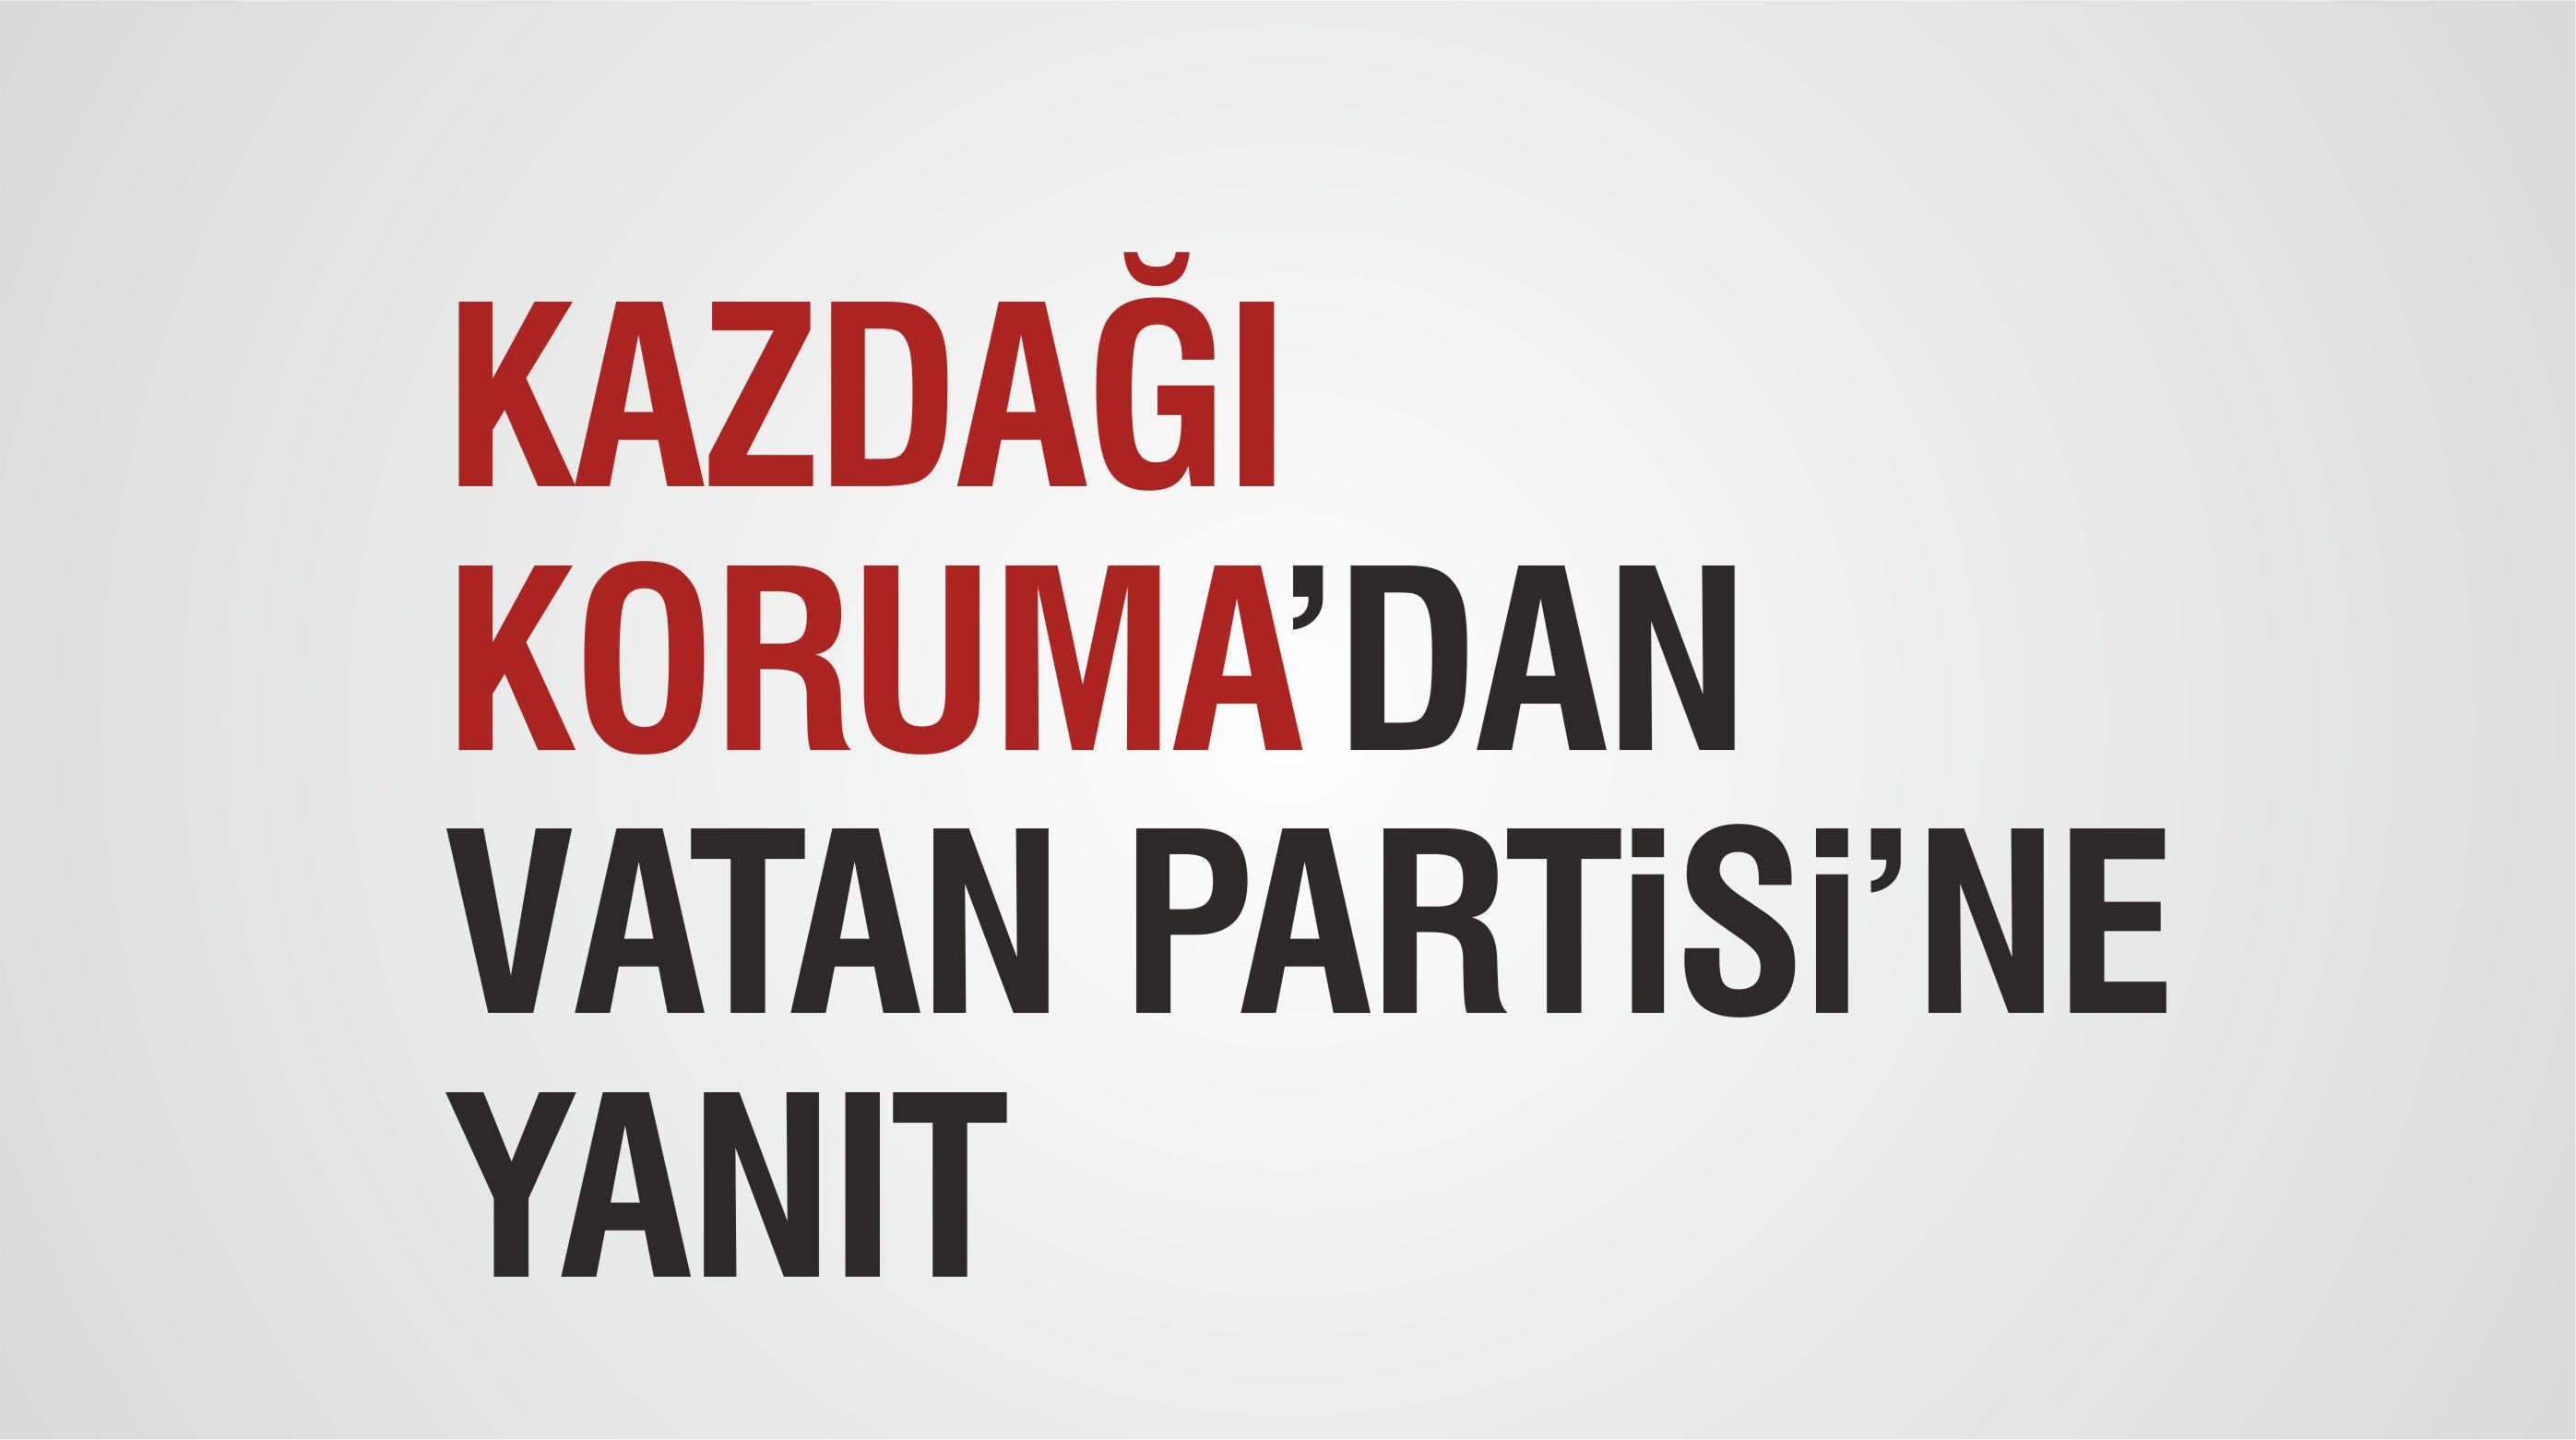 KAZDAĞI KORUMA'DAN VATAN PARTİSİ'NE YANIT